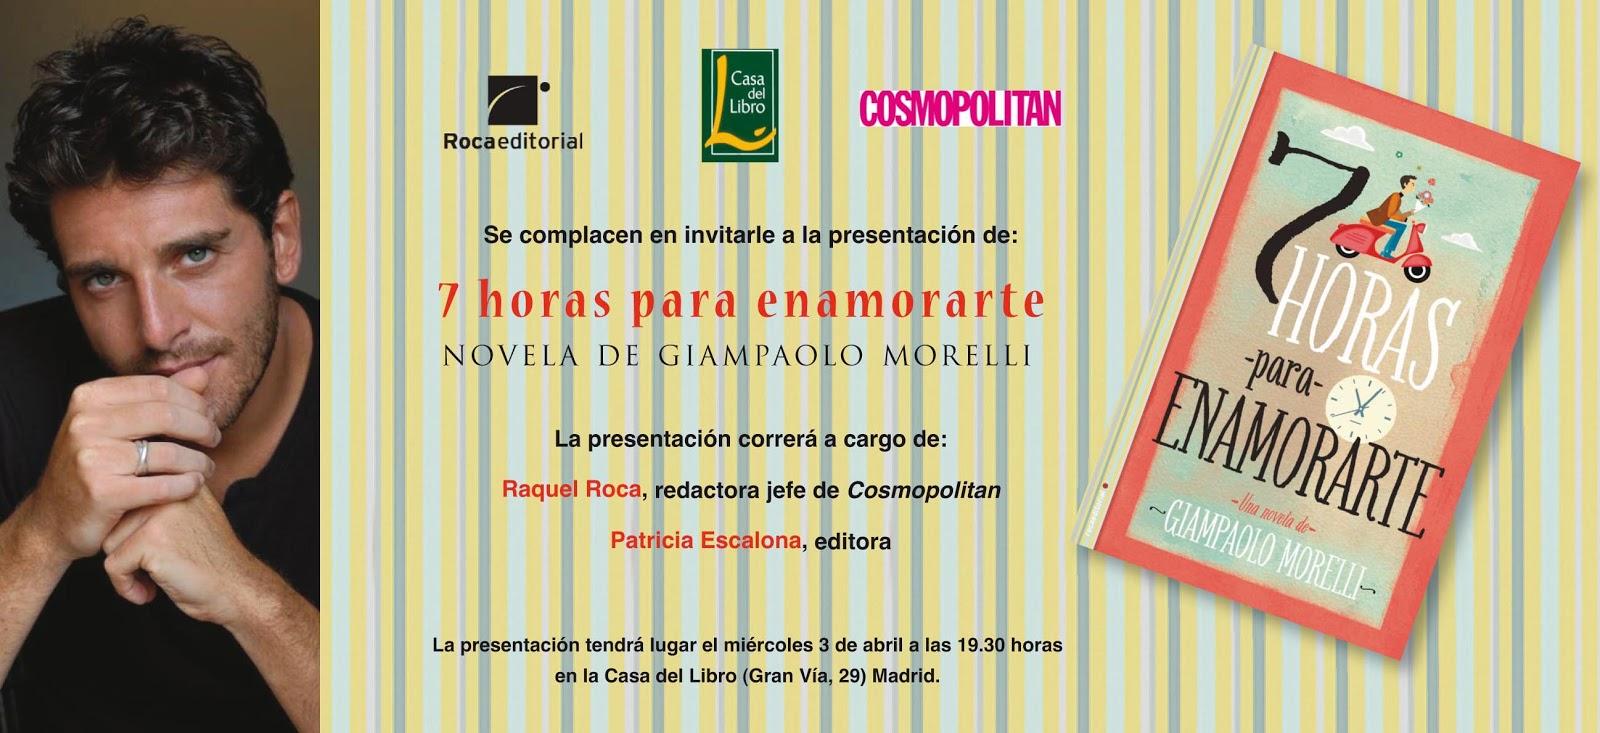 Presentación del libro de Giampaolo Morelli